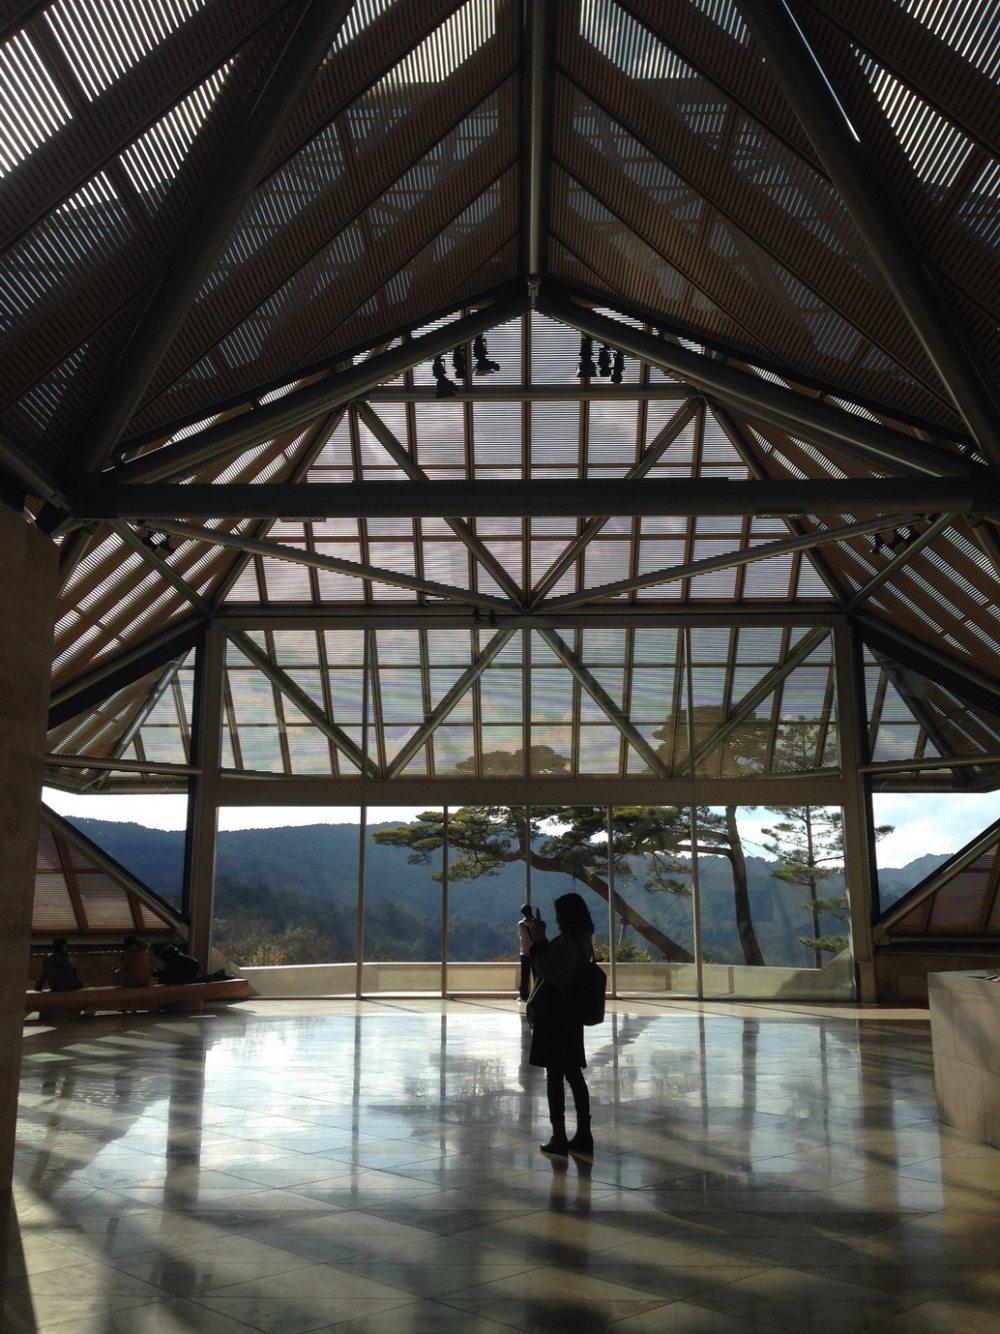 #伙伴一起看日本#  日本设计考察分享(更新美秀美术馆)_IMG_7196.JPG